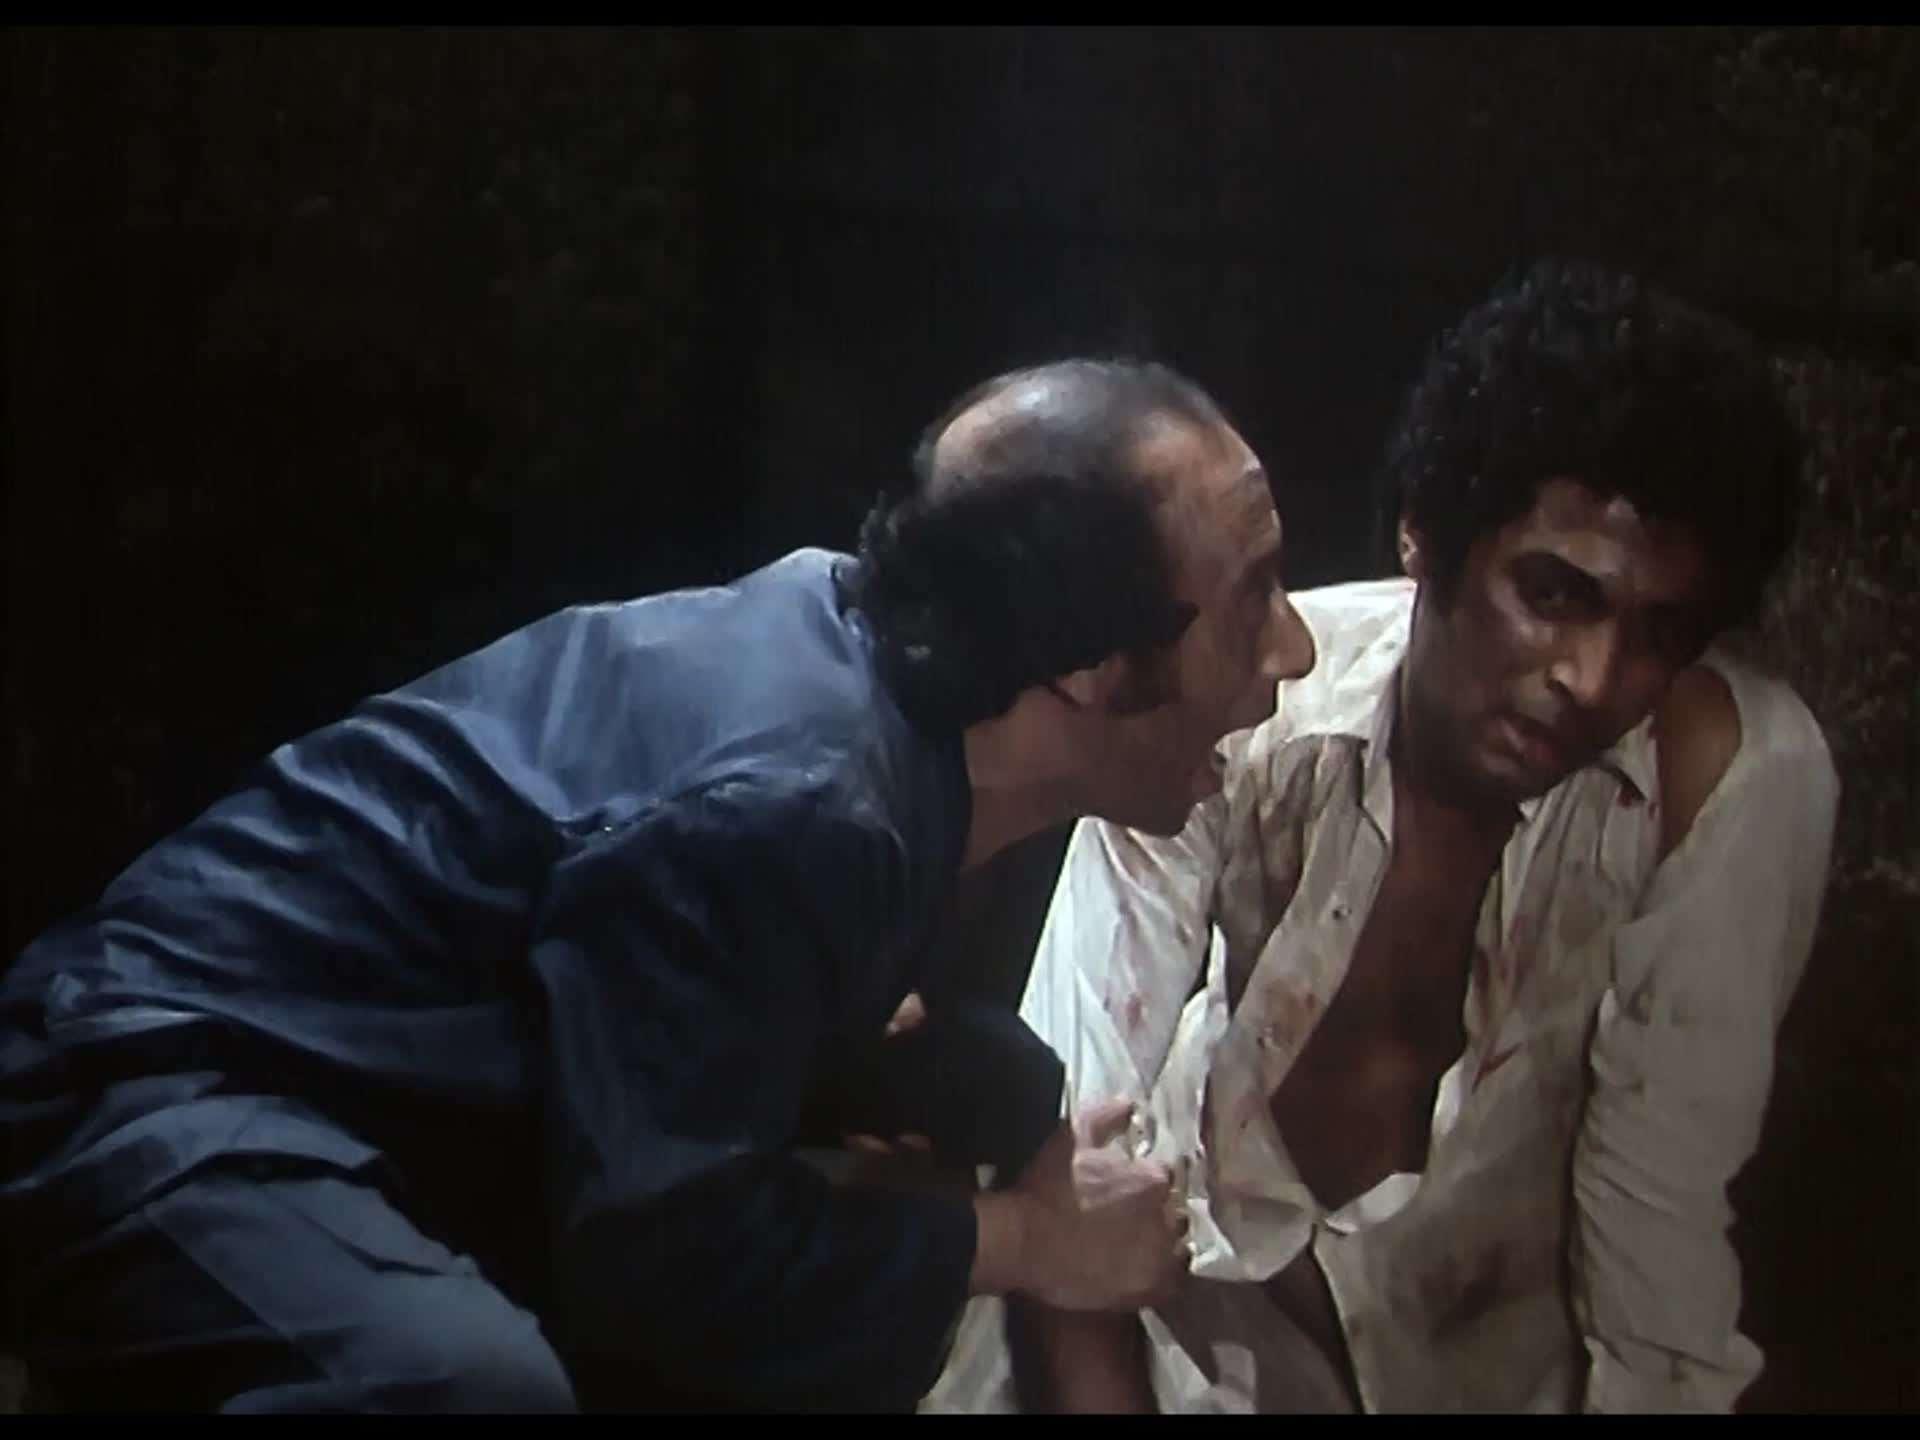 [فيلم][تورنت][تحميل][وراء الشمس][1978][1080p][Web-DL] 14 arabp2p.com